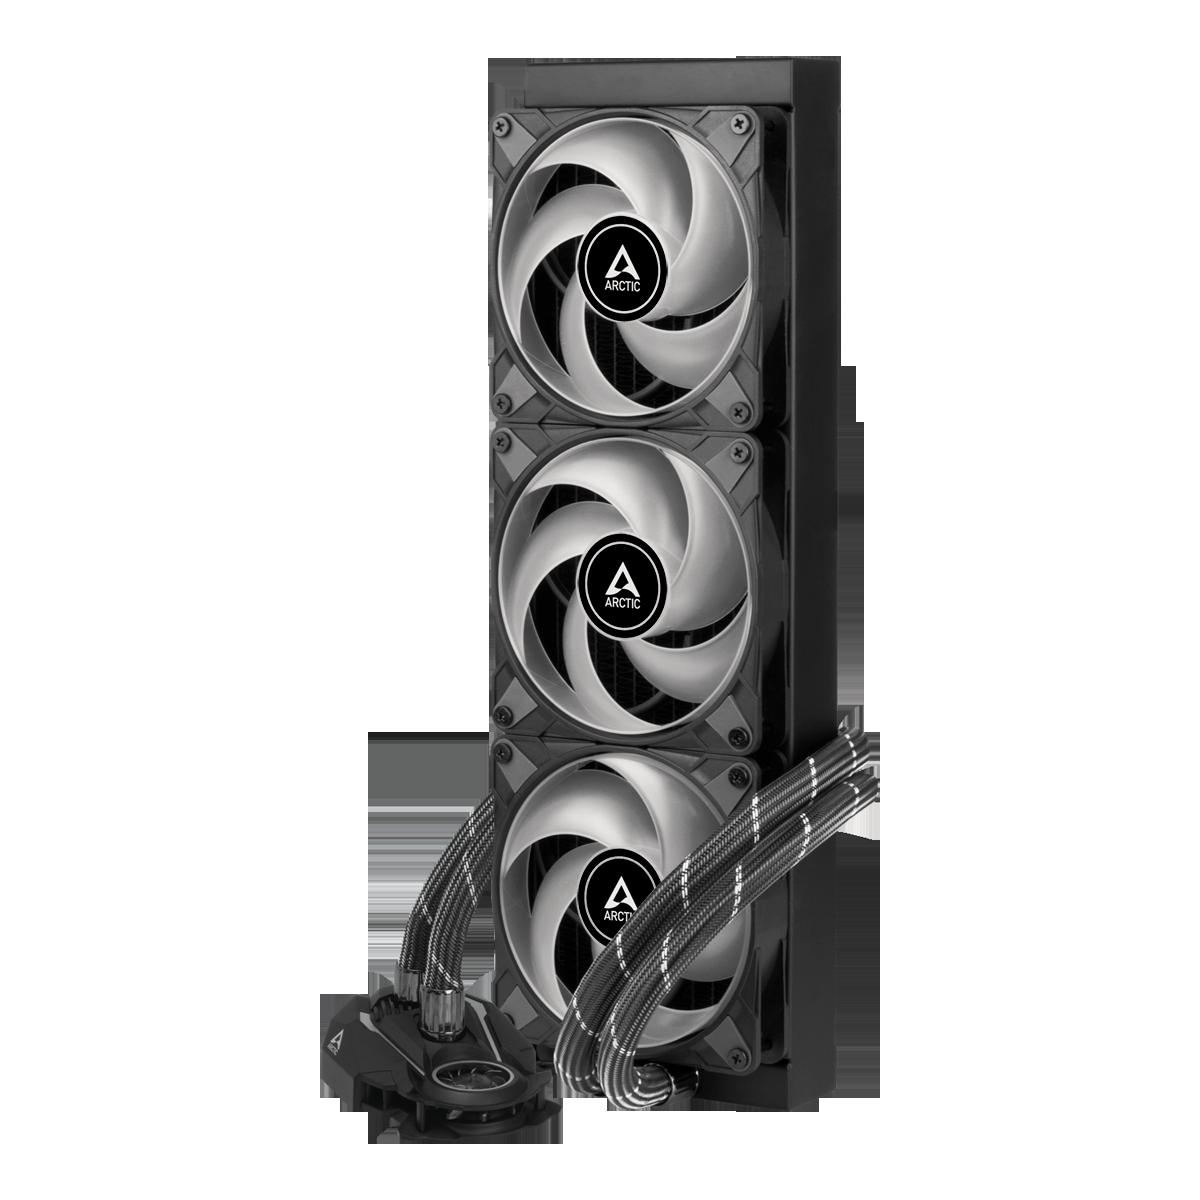 Liquid Freezer II 360 A-RGB